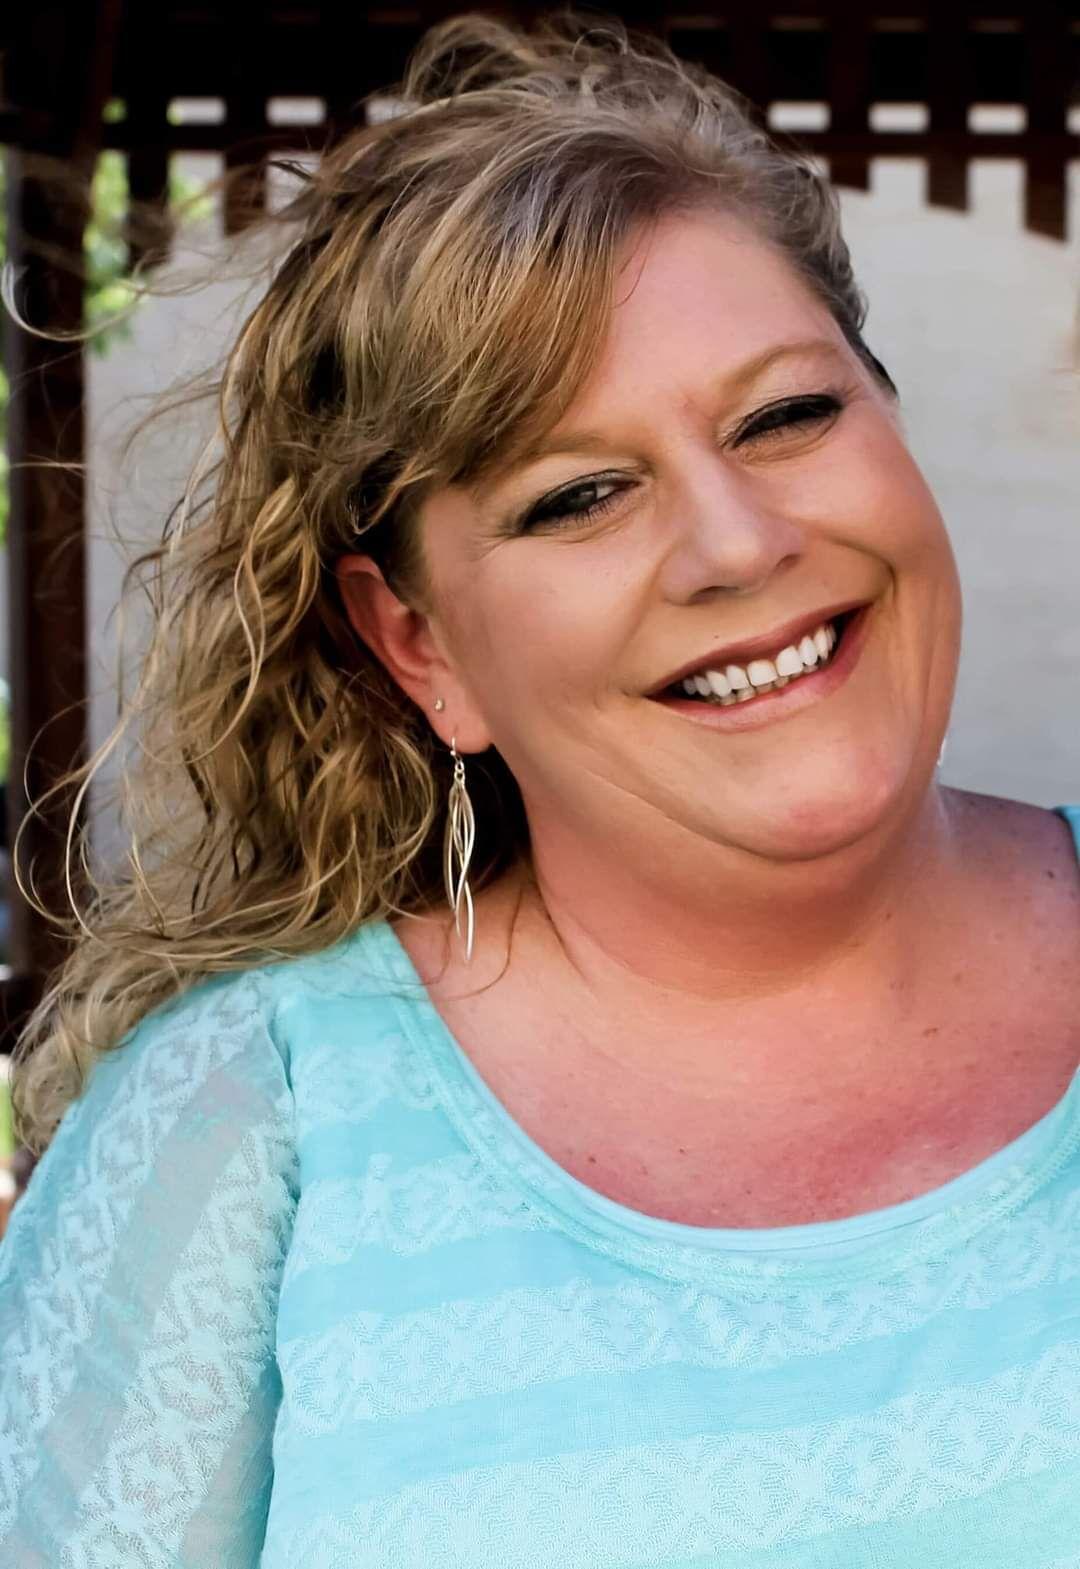 Misty M. Otte, 47, Essex, Iowa